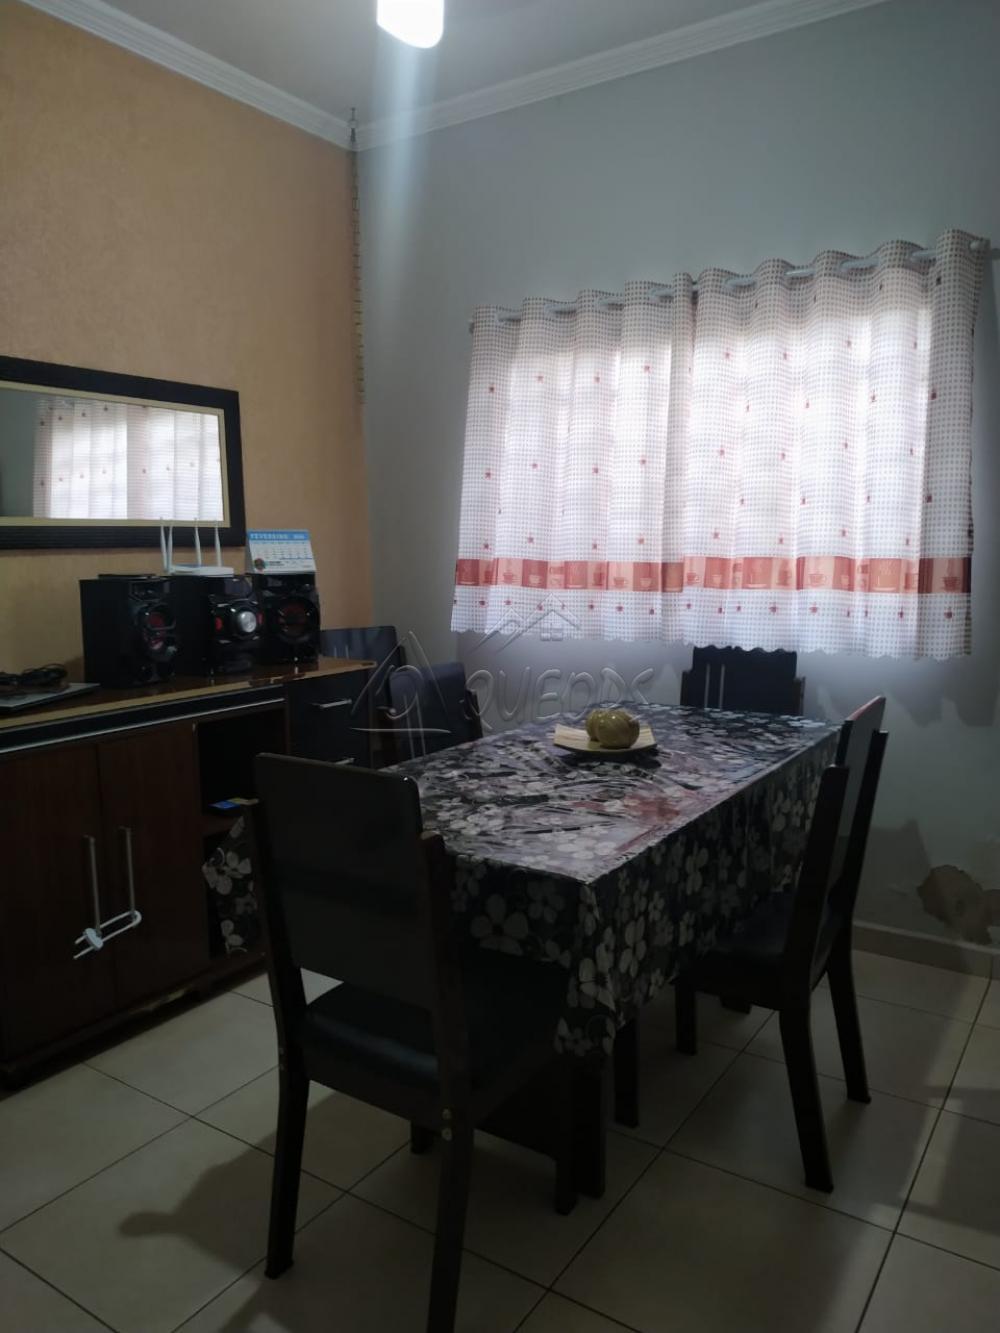 Comprar Casa / Padrão em Barretos apenas R$ 270.000,00 - Foto 8